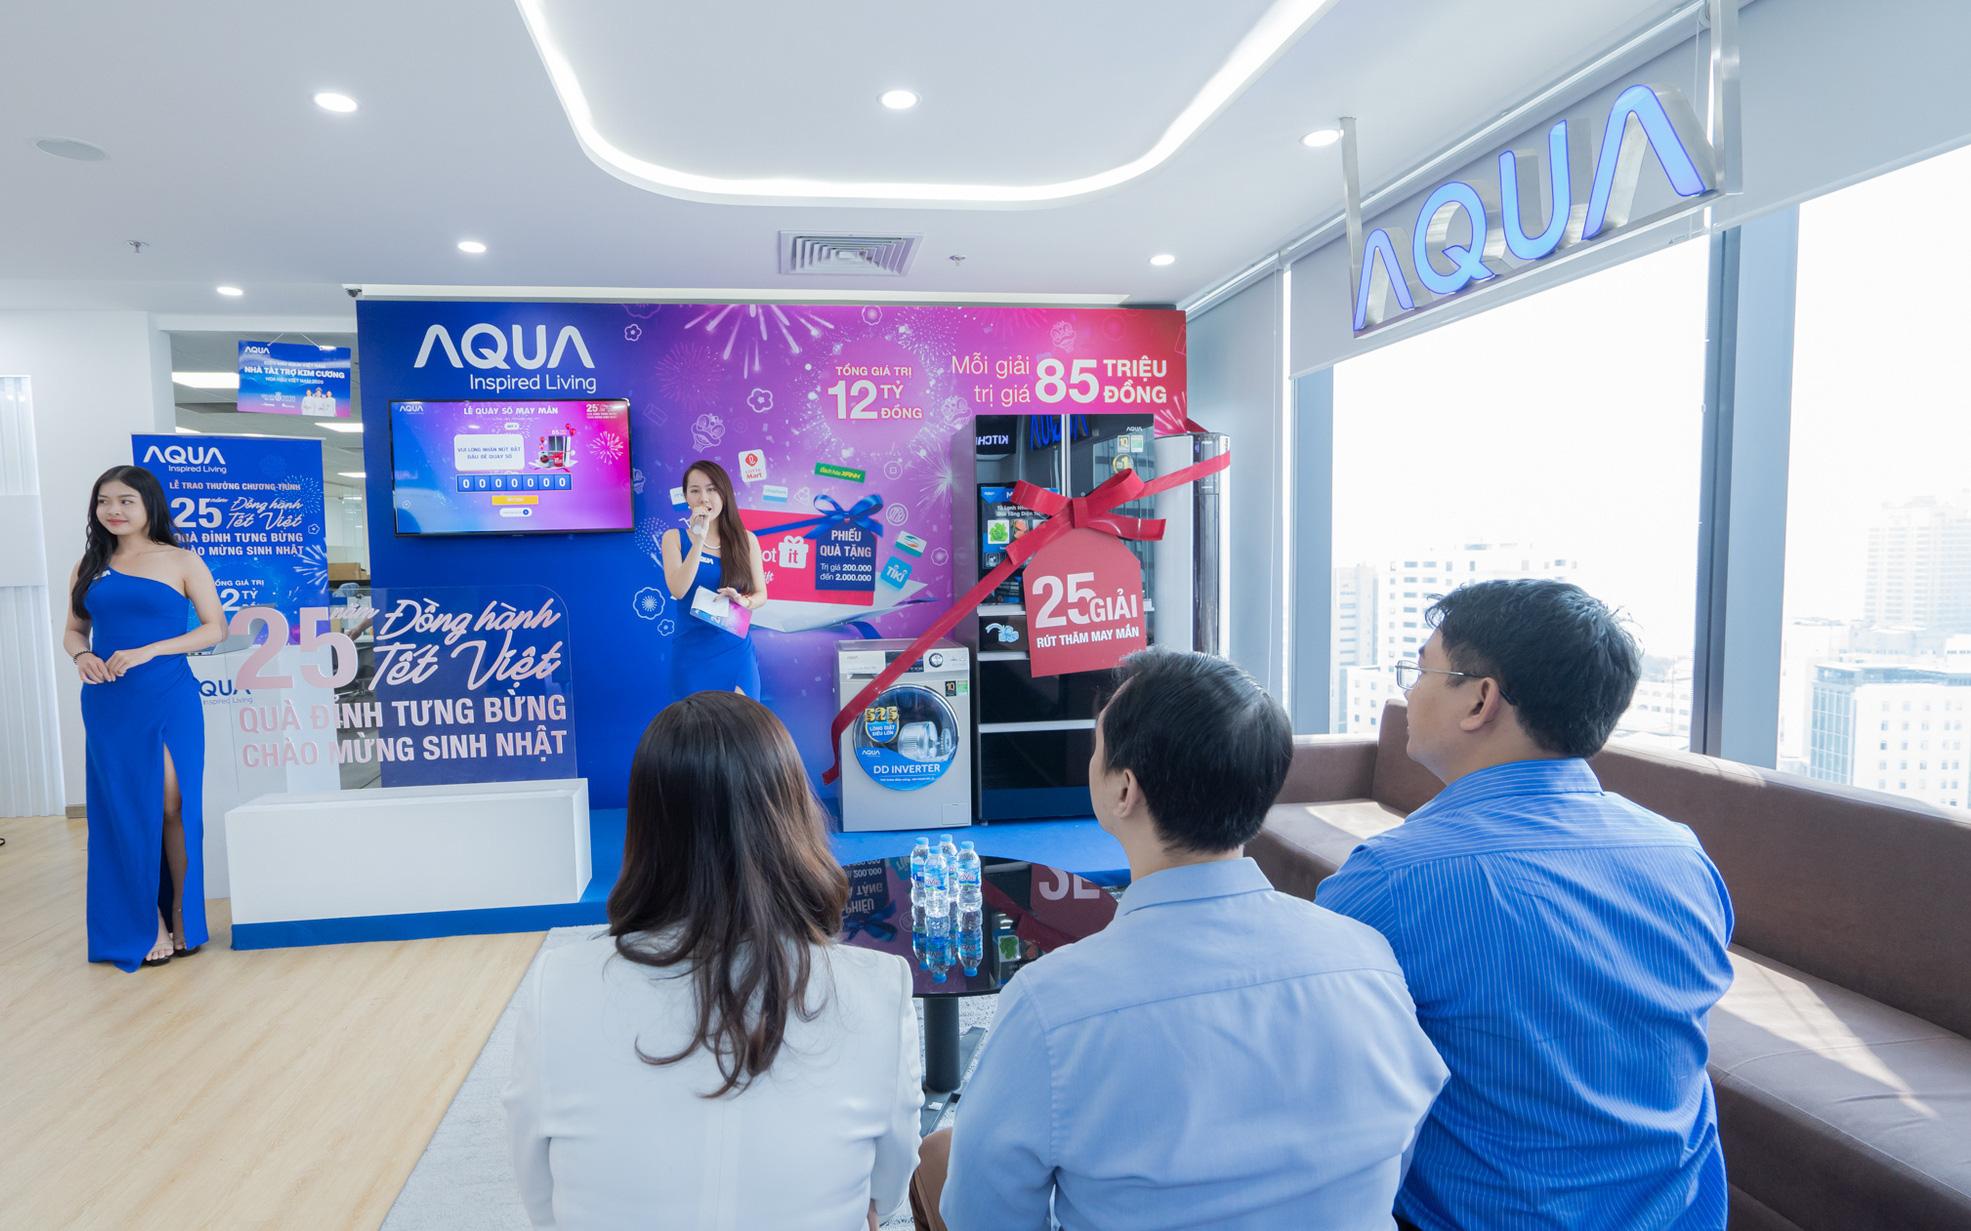 AQUA Việt Nam tri ân khách hàng lên đến 12 tỷ